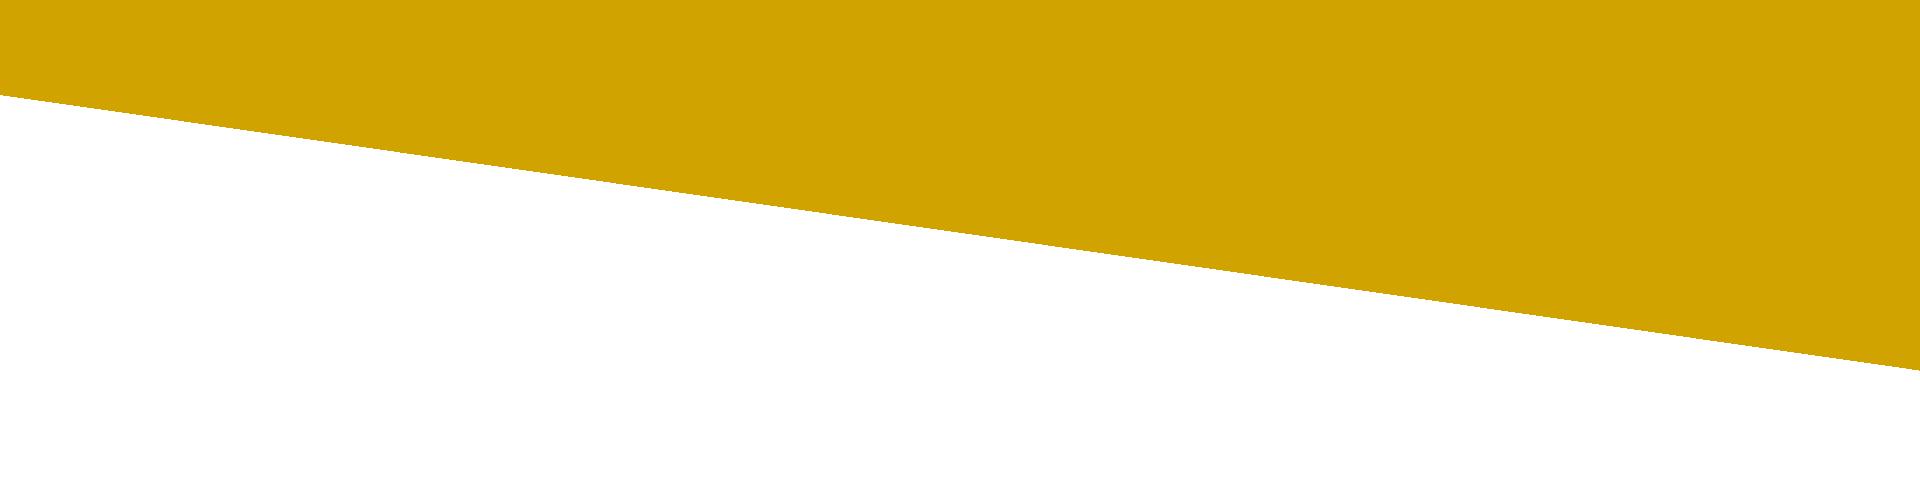 slider gold 1